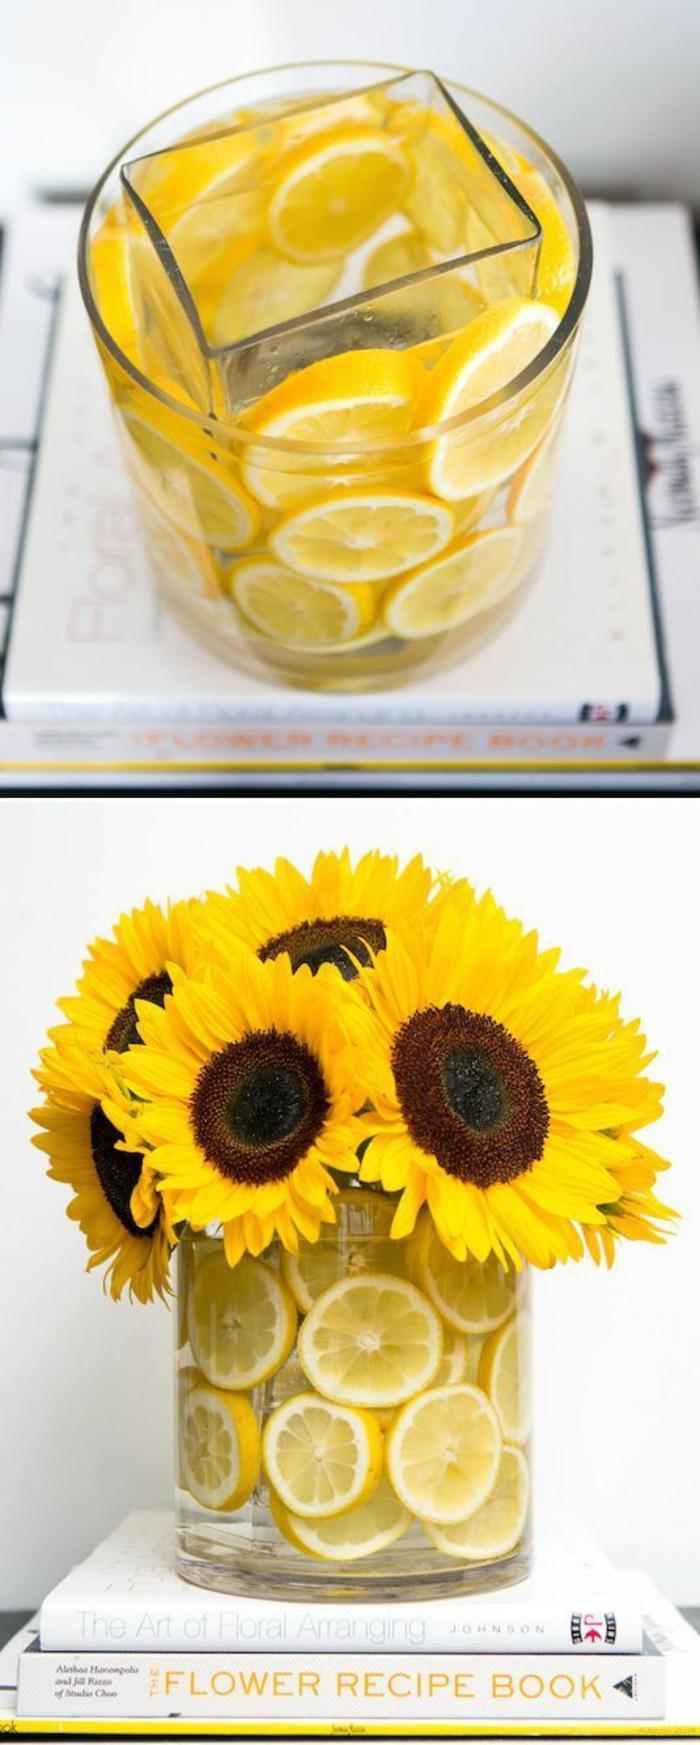 vase aus glas dekoriert mit zitronenschalen, gelbe blumen, sonnenblumen